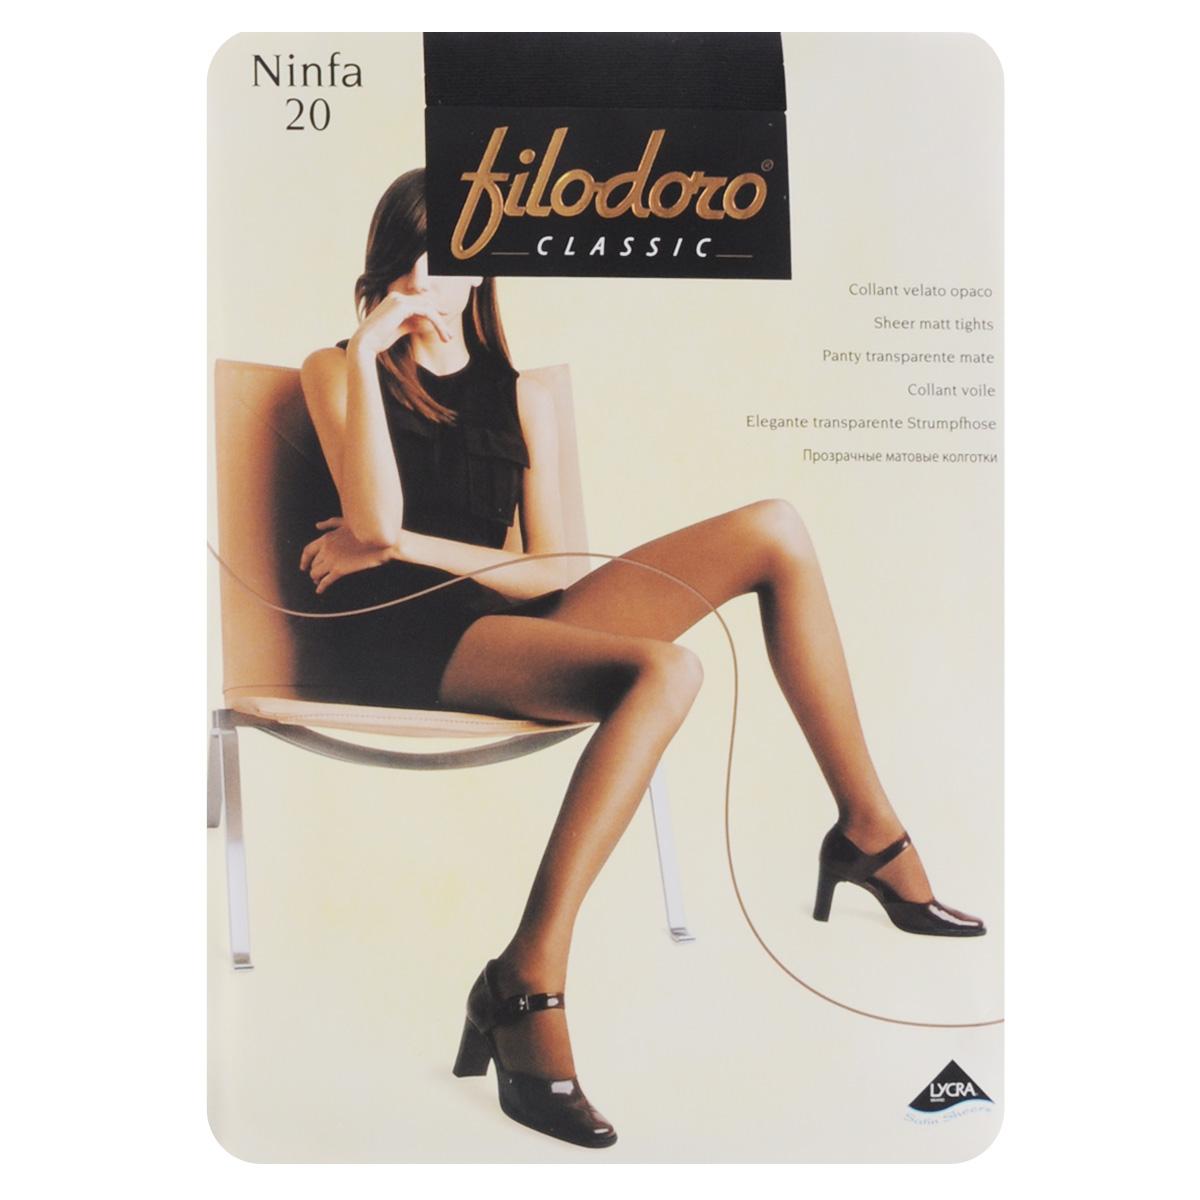 Колготки женские Filodoro Classic Ninfa 20, цвет: Nero (черный). C109172FC. Размер 5 (Maxi-XL) колготки filodoro ninfa размер 2 плотность 40 den vita bassa playa